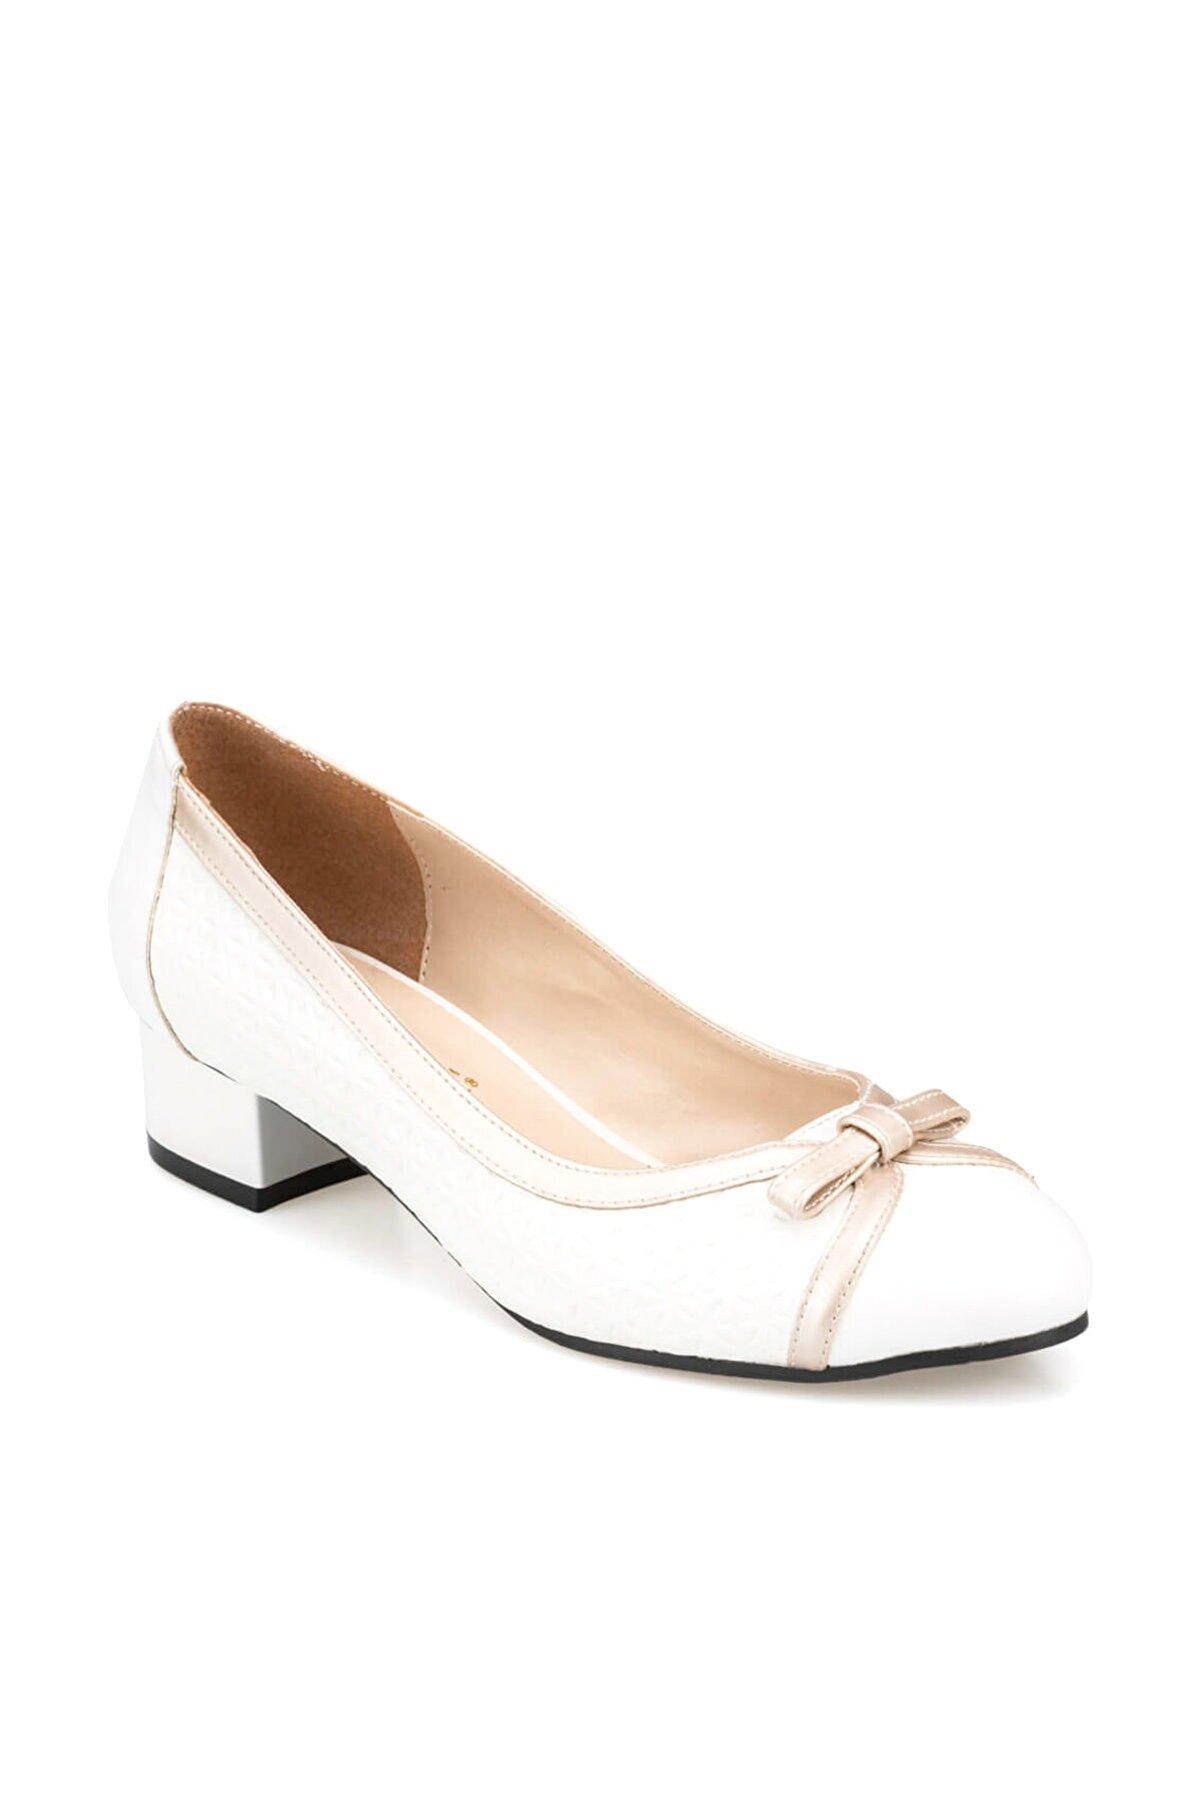 Polaris 91.150709.Z Beyaz Kadın Ayakkabı 100375054